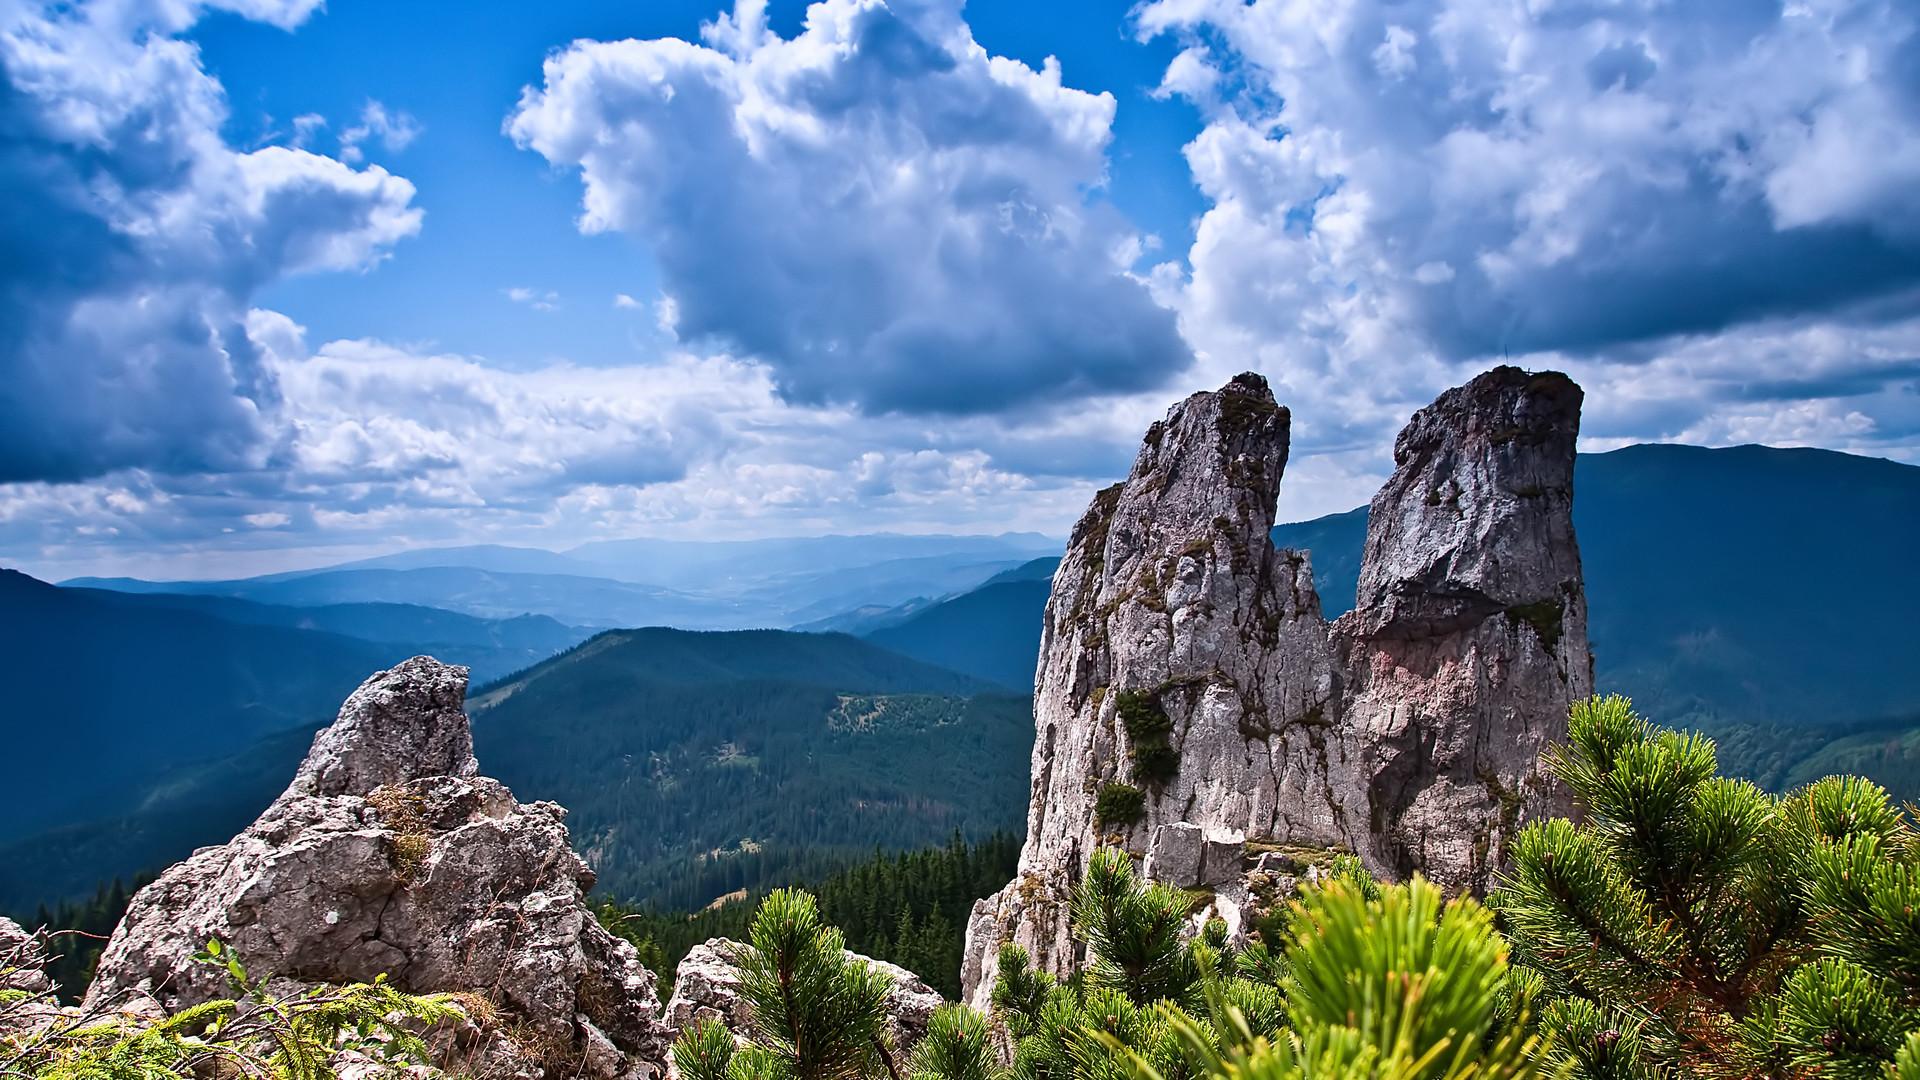 Landscape 4K Ultra HD Wallpaper | Mountain landscape clouds 4K Ultra HD  wallpaper | 4k-Wallpaper.Net | Божье творение | Pinterest | Mountain  landscape, …